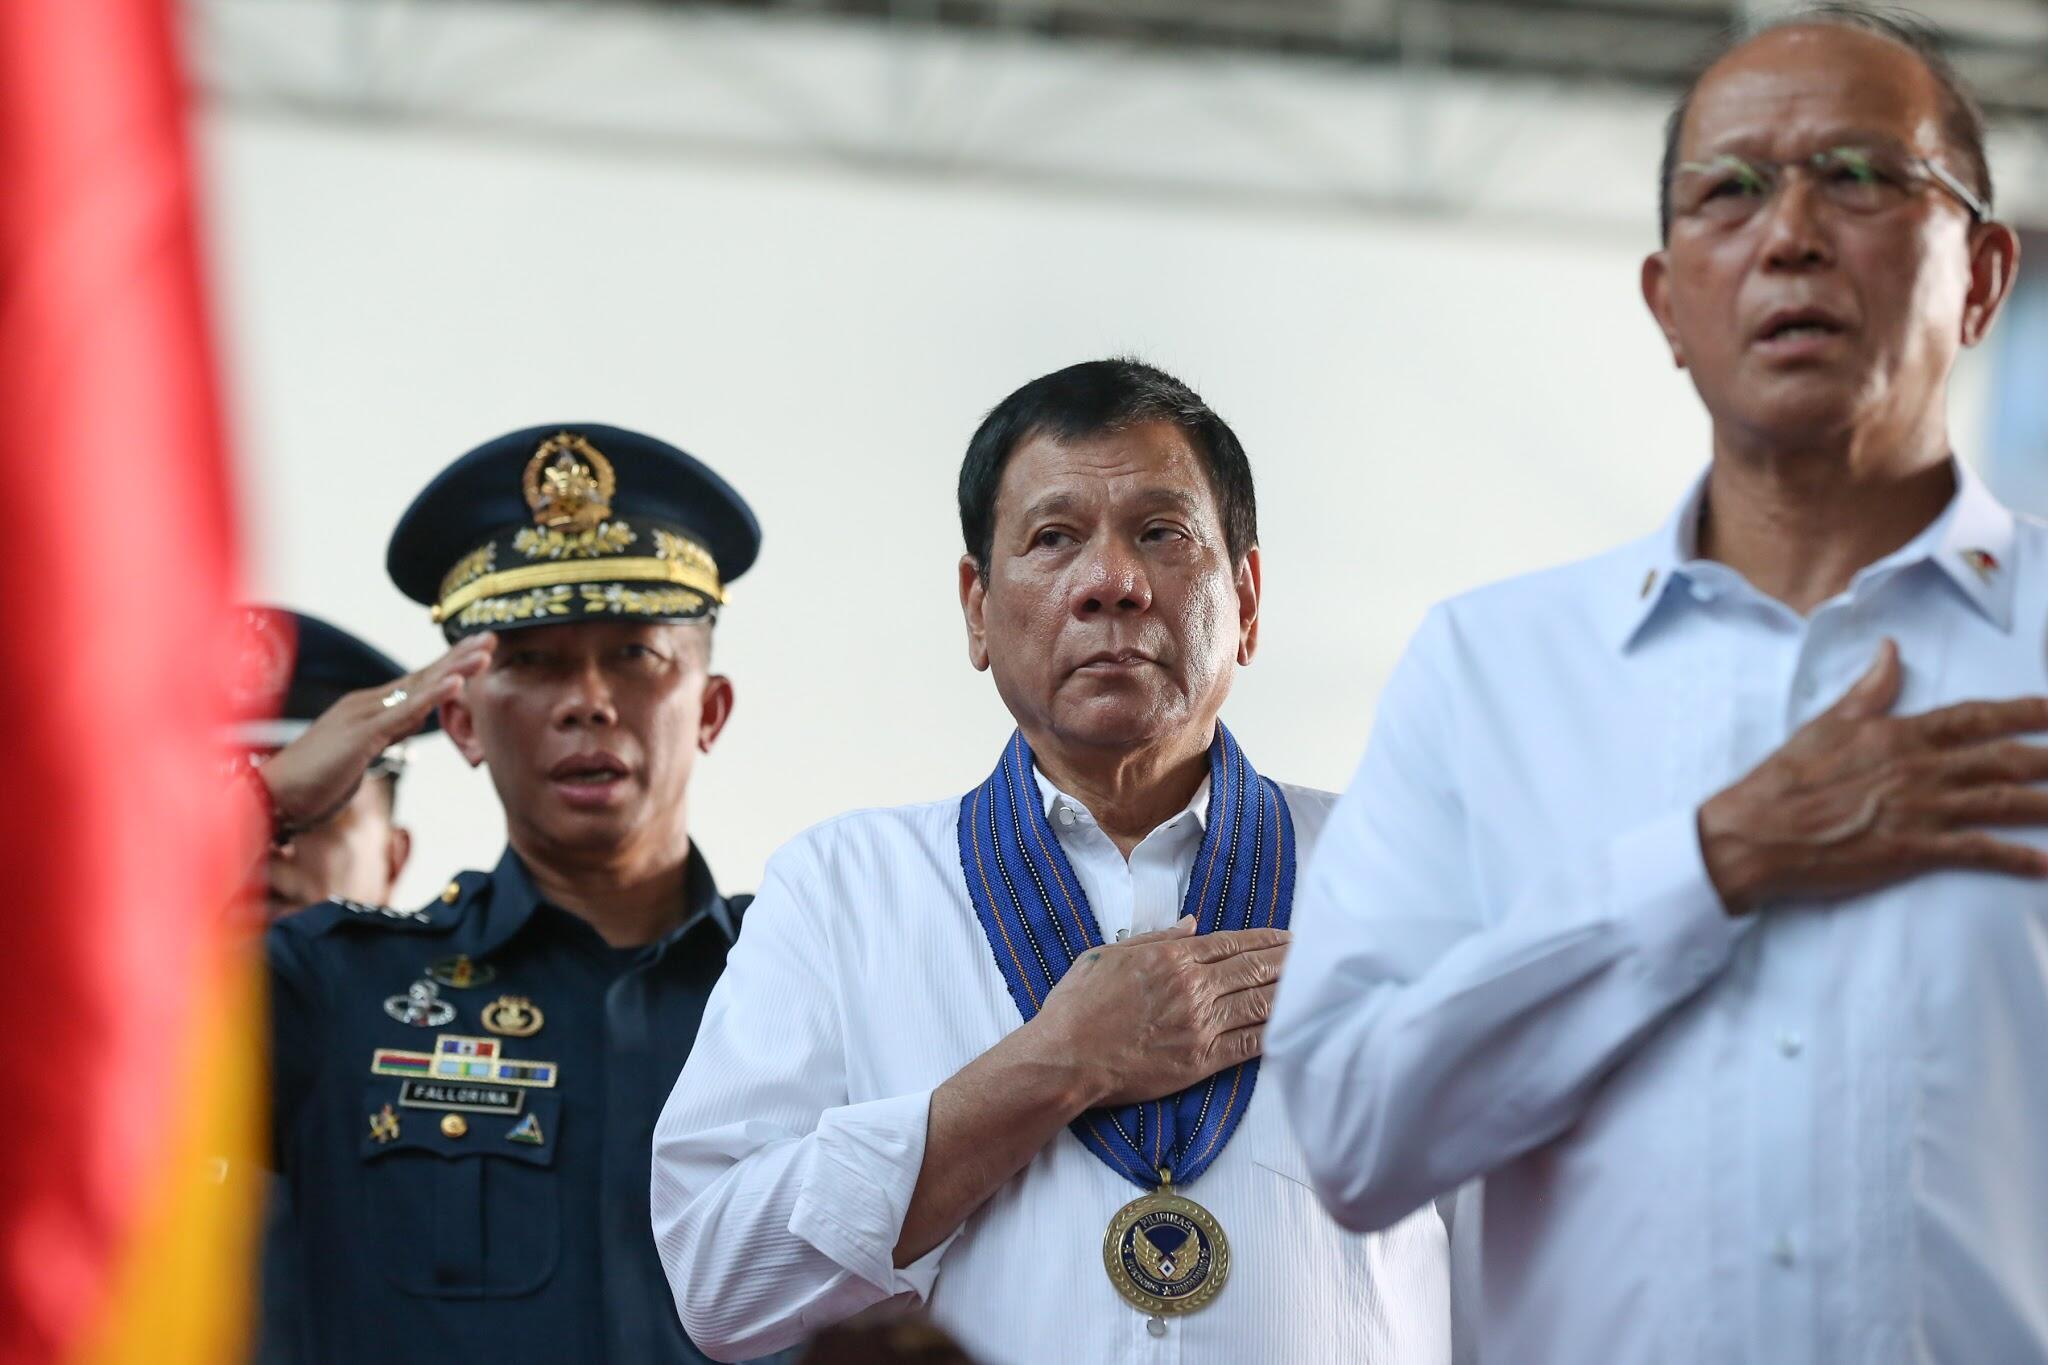 菲律賓國防部長洛倫紮納與杜特爾特總統資料圖片